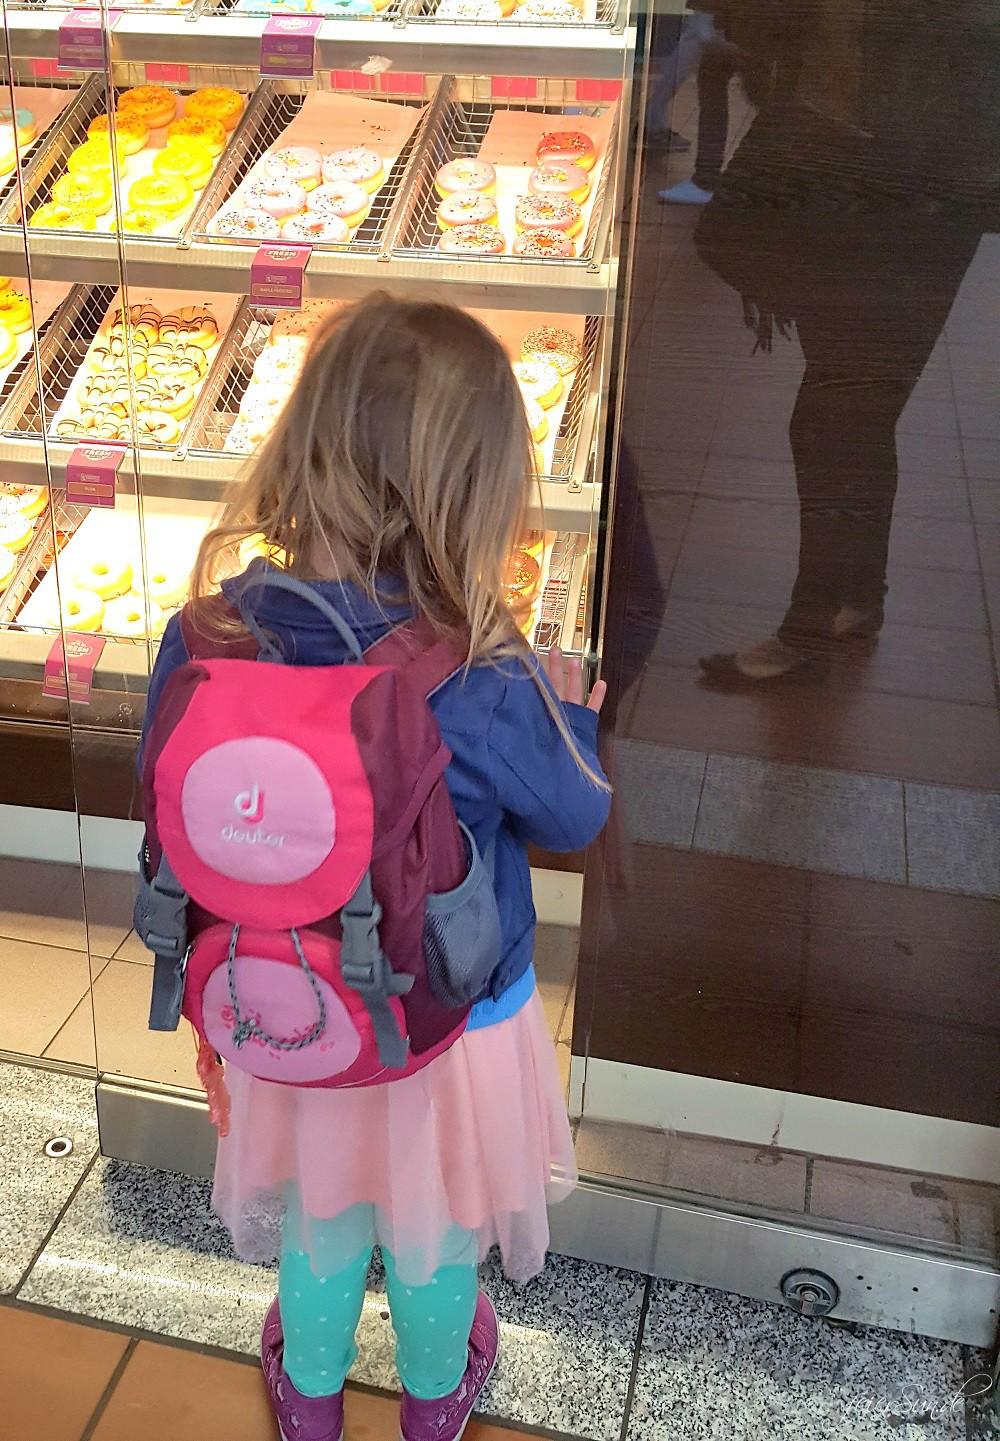 Reisen mit Kind im Zug - unsere 10 Tipps fuer eine Reise mit dem Kind und der Bahn denn wir reisen gerne - Travelblogger sind auf der Suche nach Suesskram